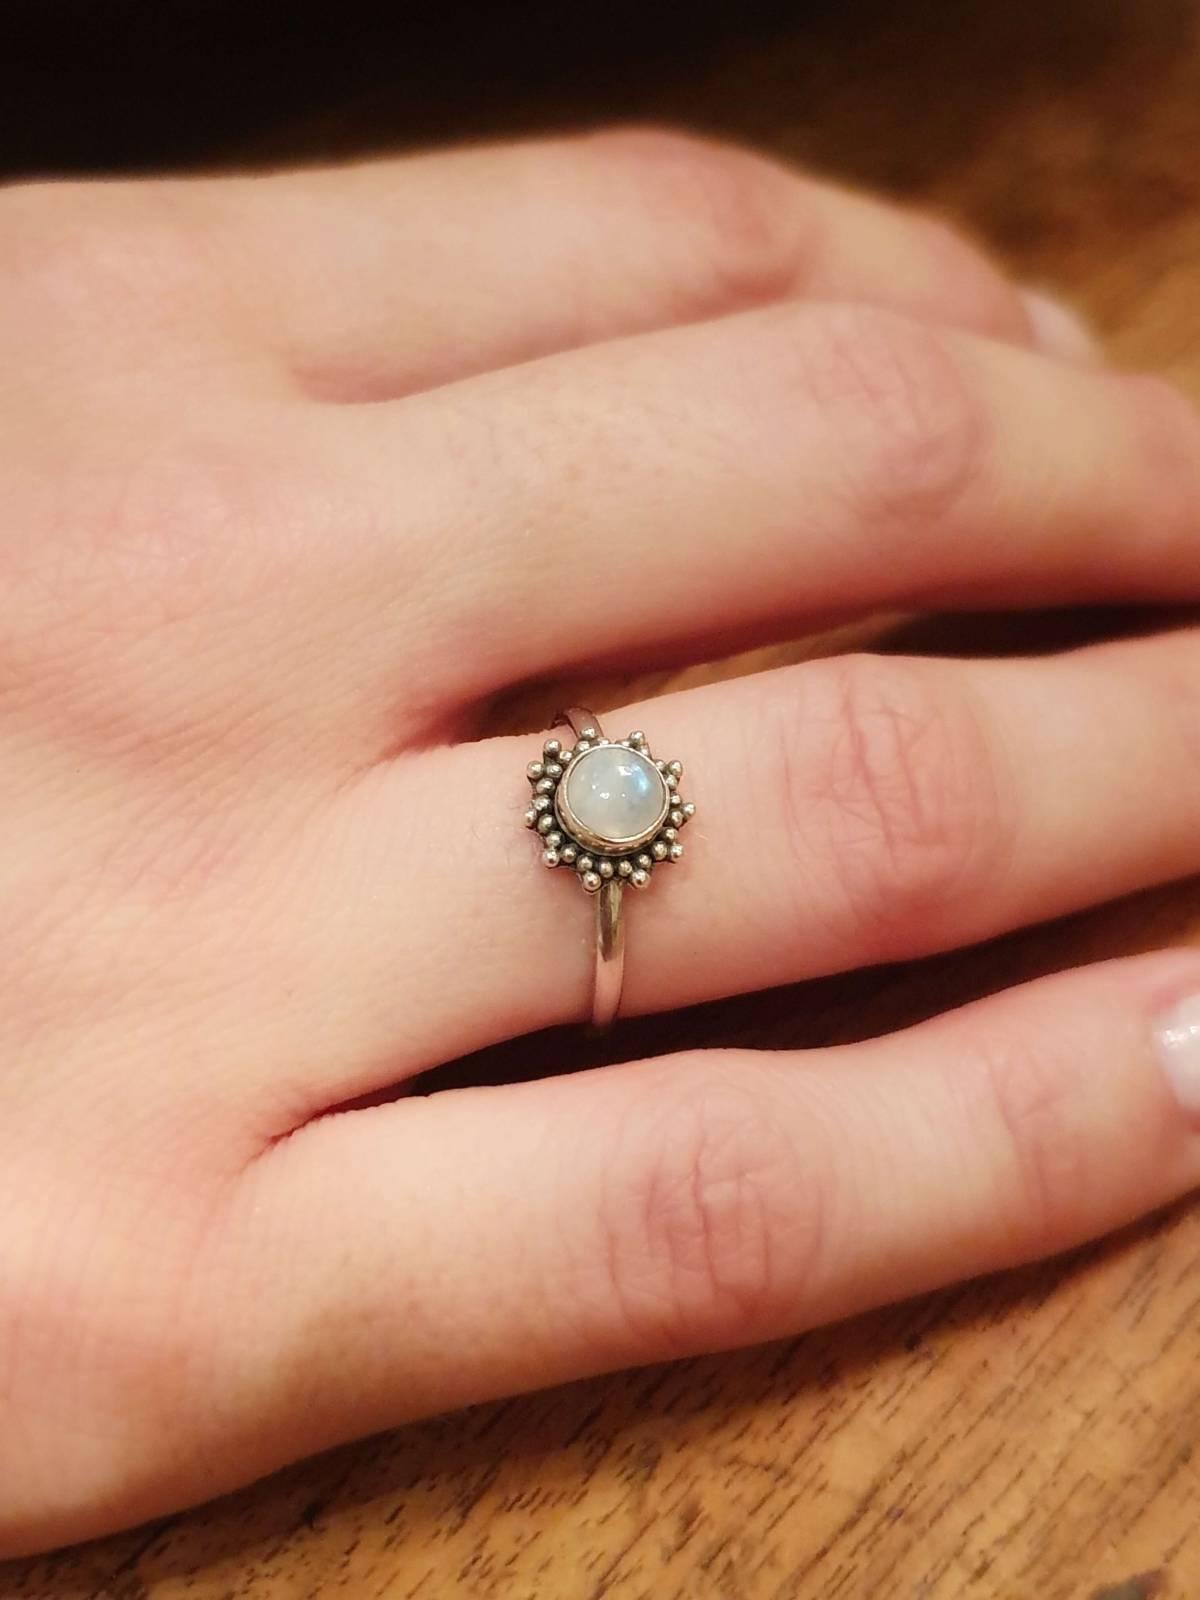 Gypsy Ring Sonne aus Silber 925 Handgefertigt in Bali Mondstein